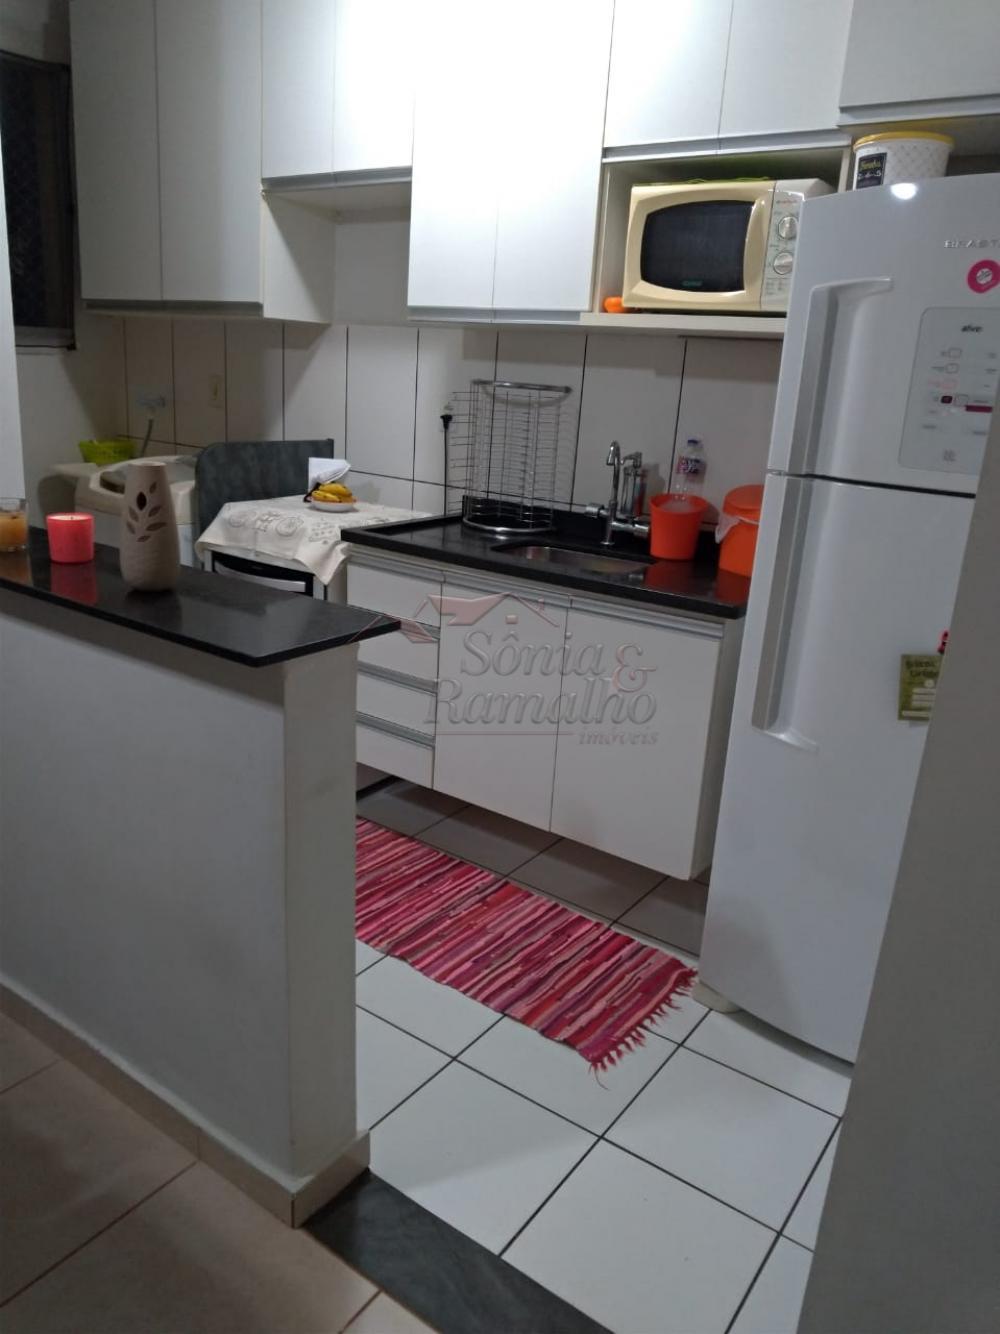 Comprar Apartamentos / Padrão em Ribeirão Preto apenas R$ 160.000,00 - Foto 5